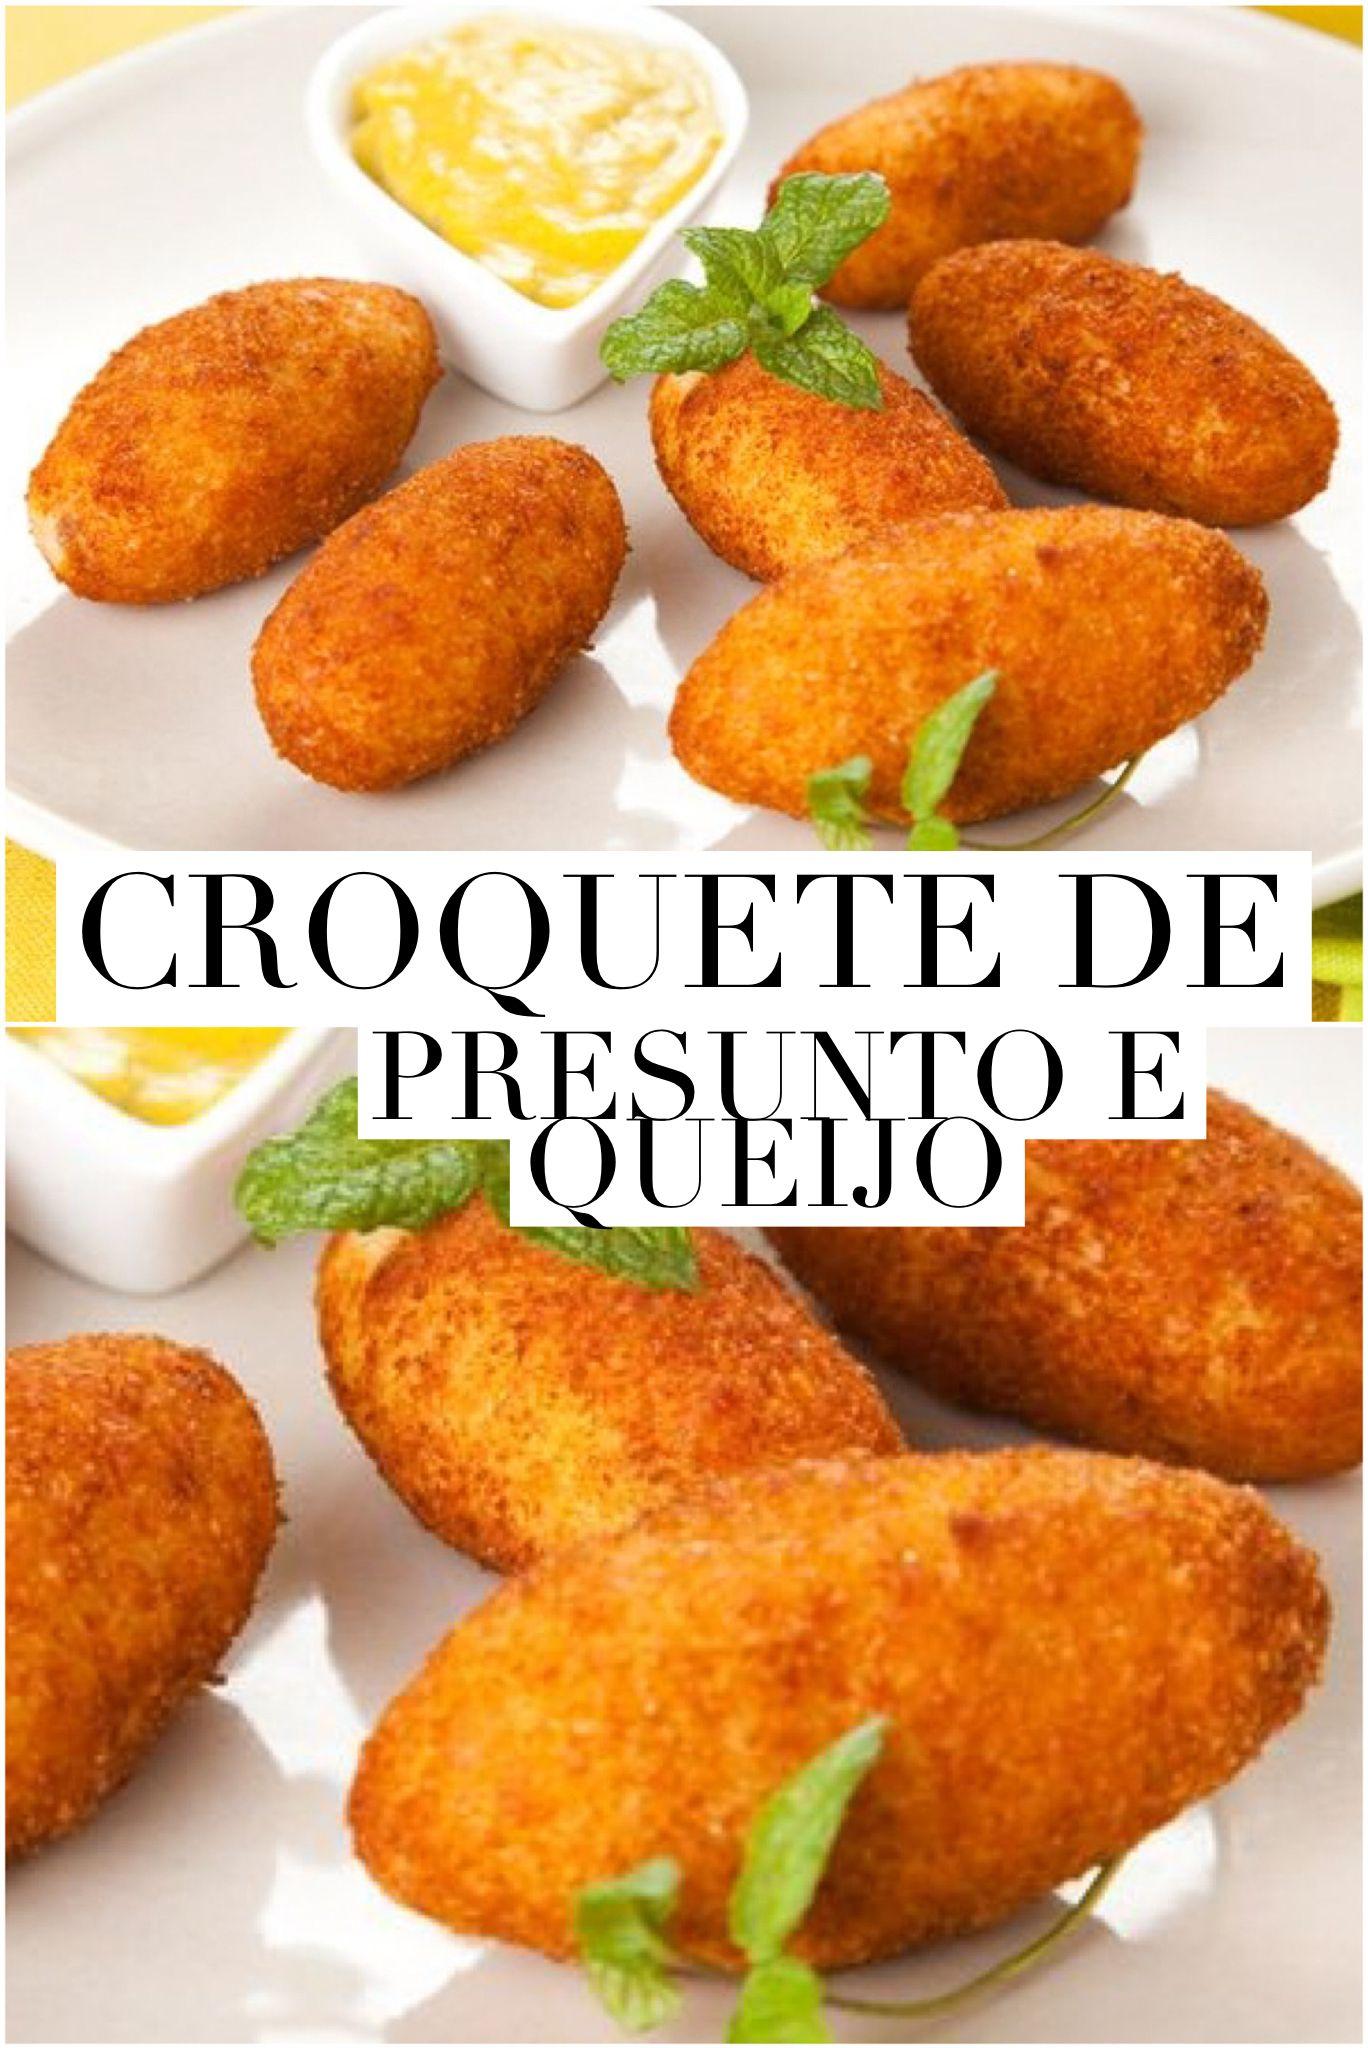 Quer aprender? Clique na imagem e veja a receita completa. #salgados #presunto #queijo #receitas #passoapasso #receitadodia